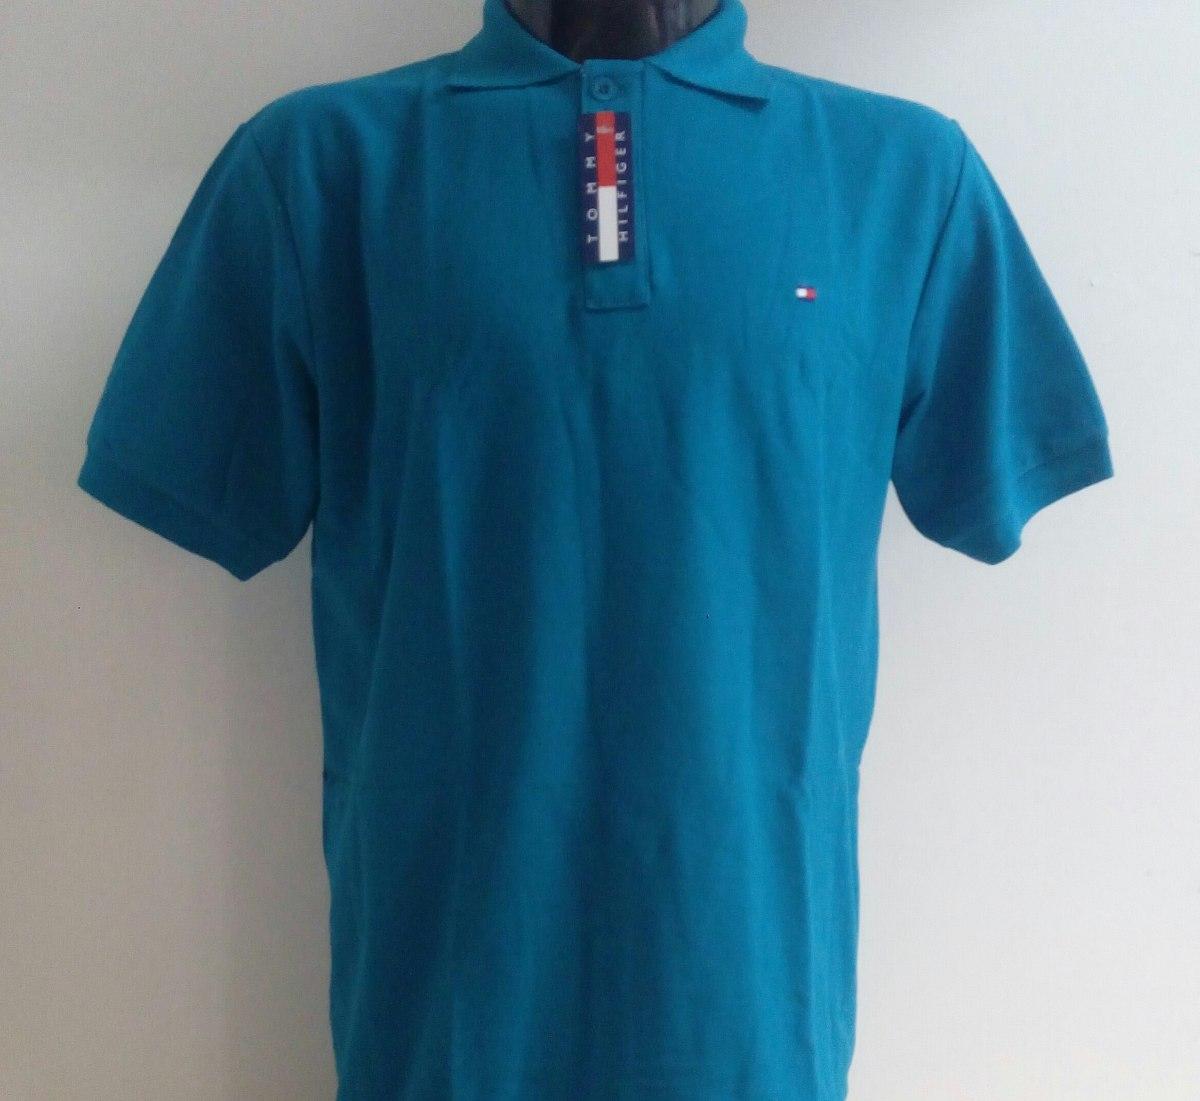 00c56589164 camisa playera polo tommy hilfiger verde esmeralda hombre. Cargando zoom.